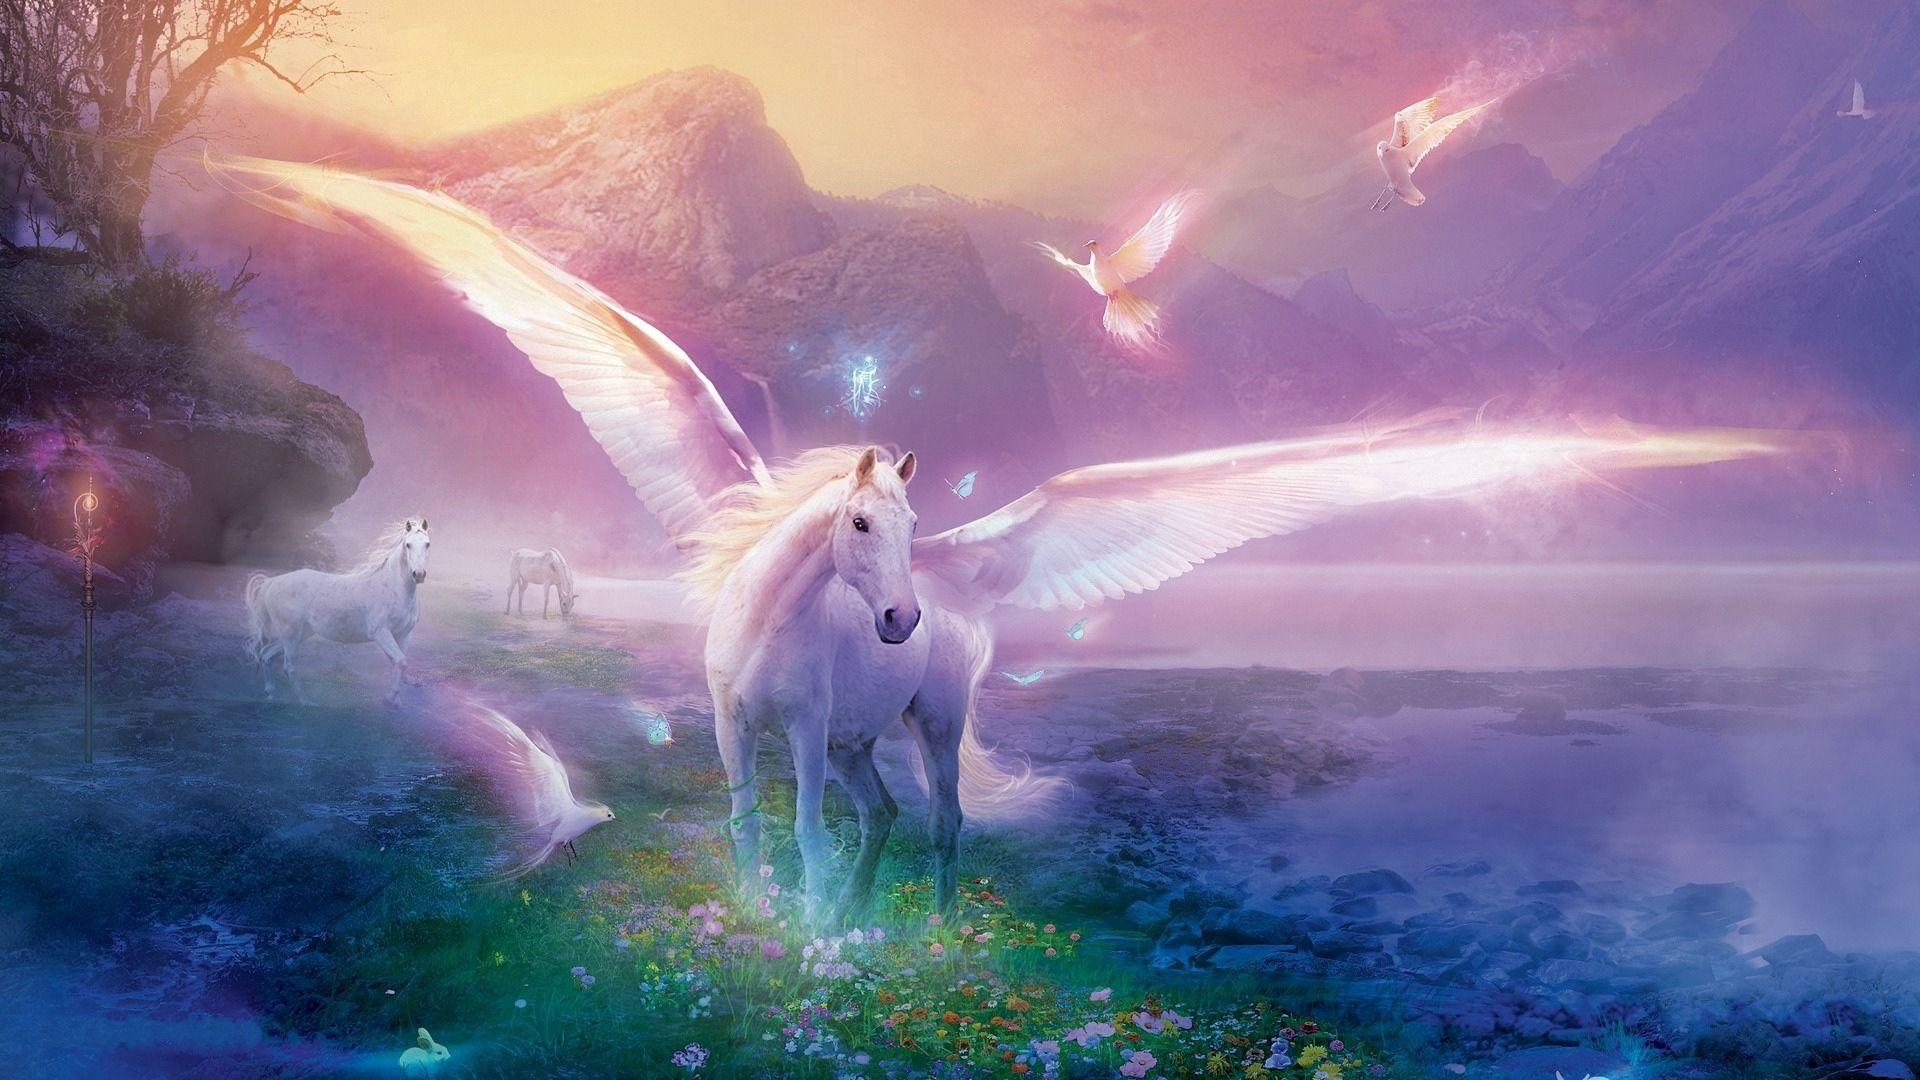 133123 скачать обои Цветы, Фэнтези, Пегас, Лошадь, Магия - заставки и картинки бесплатно